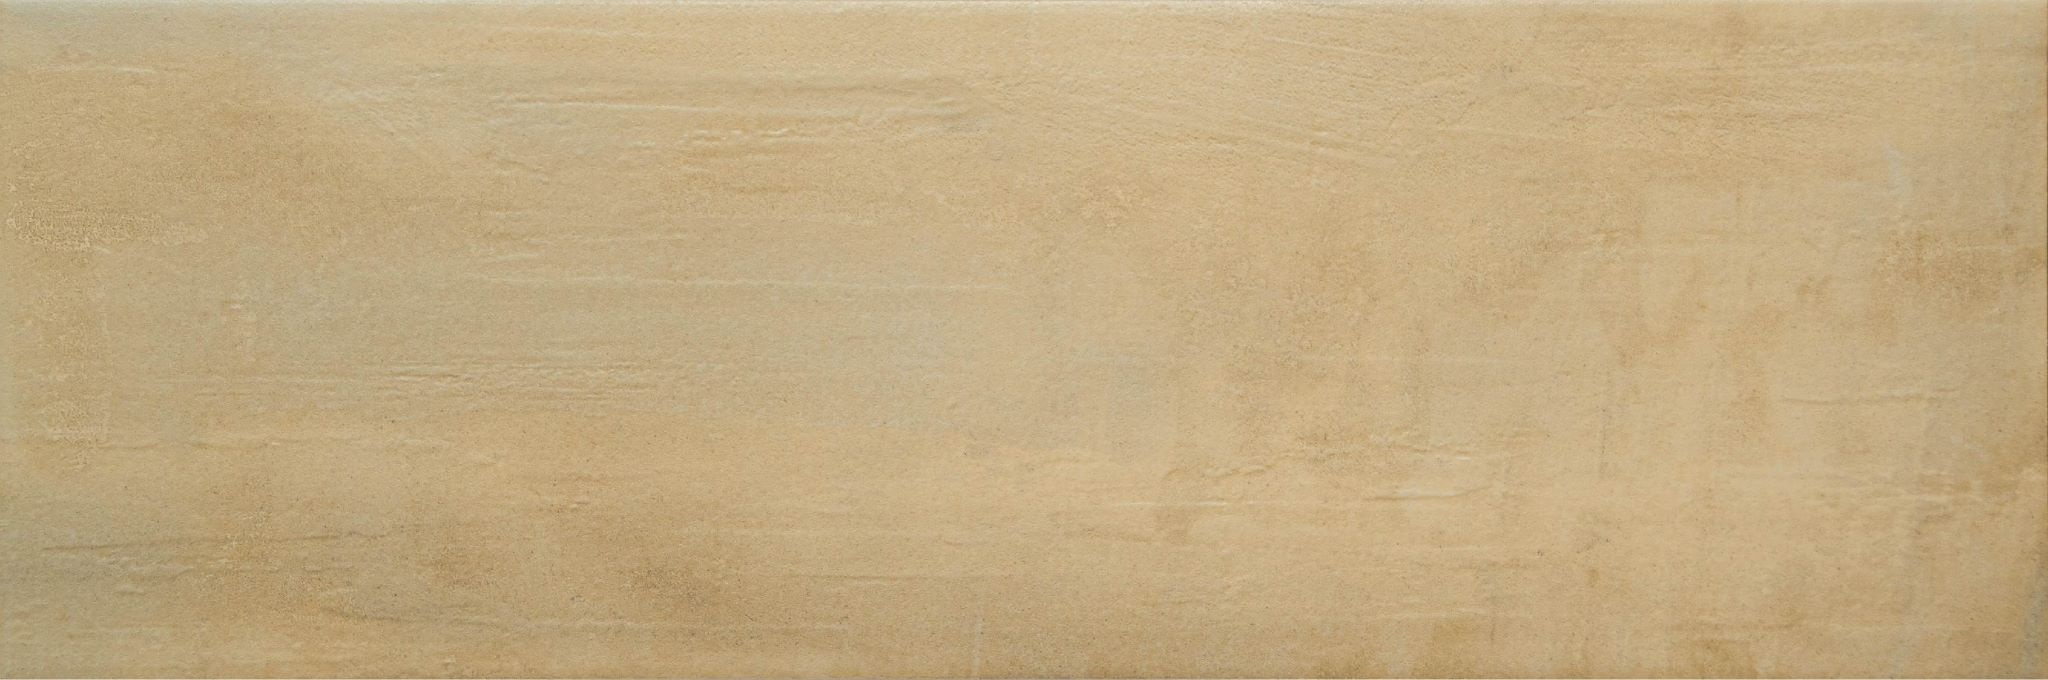 Купить Керамическая плитка Newker Casale Beige настенная 20x60, Испания